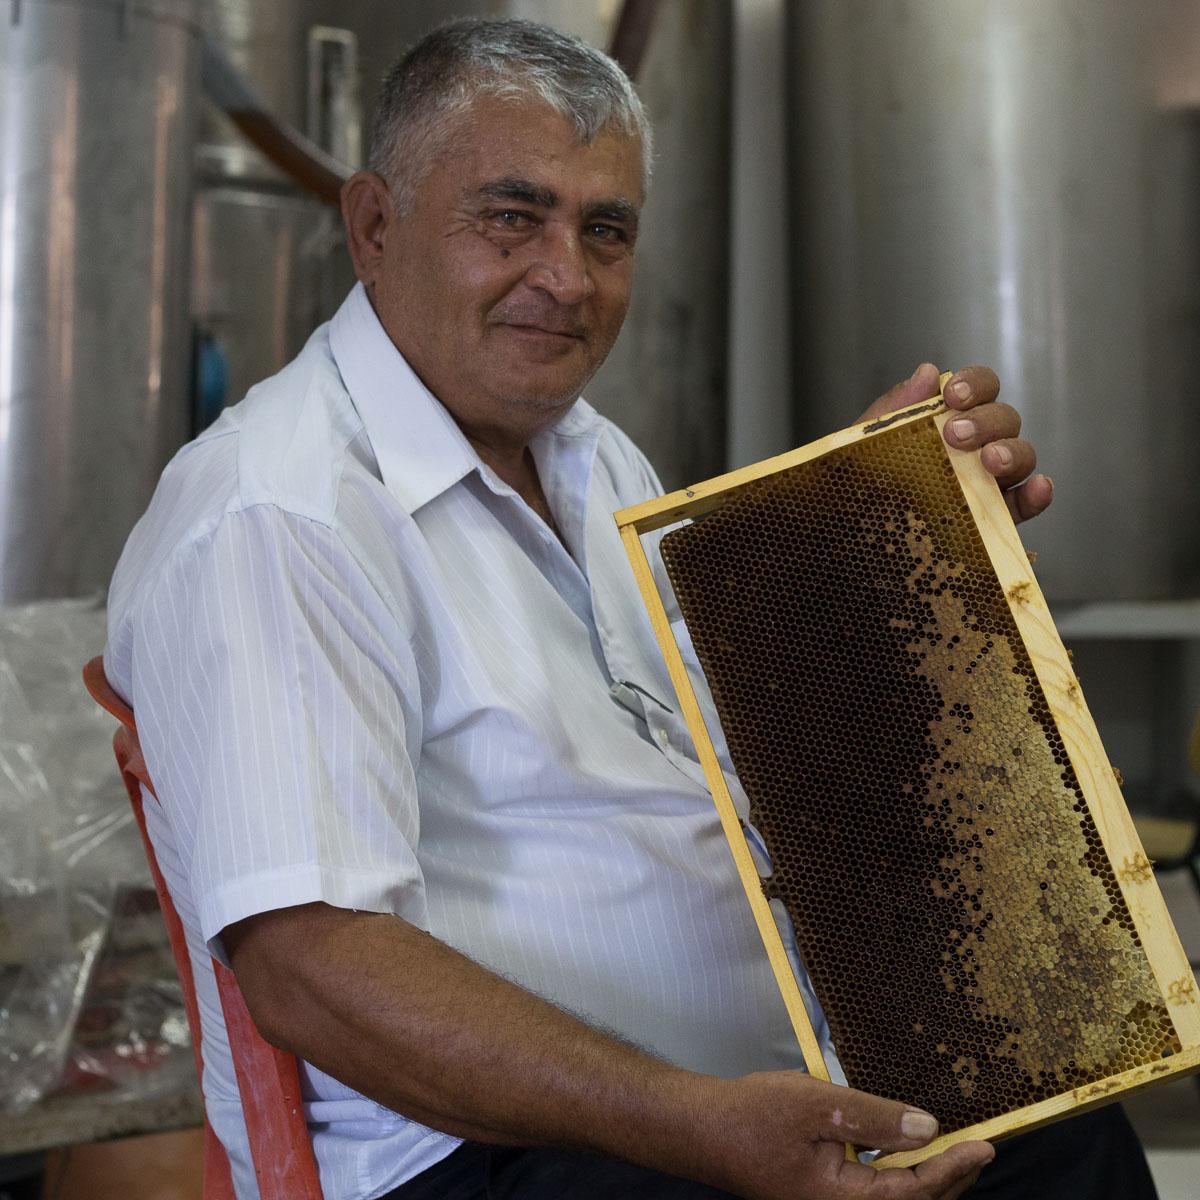 איברהים כילאני - הדבש שלנו טהור, לא מחומם, וללא תוספת סוכר. דבש צריך לקנות מיצרן שמכירים. צילום-ארז חרודי, עושים צילום